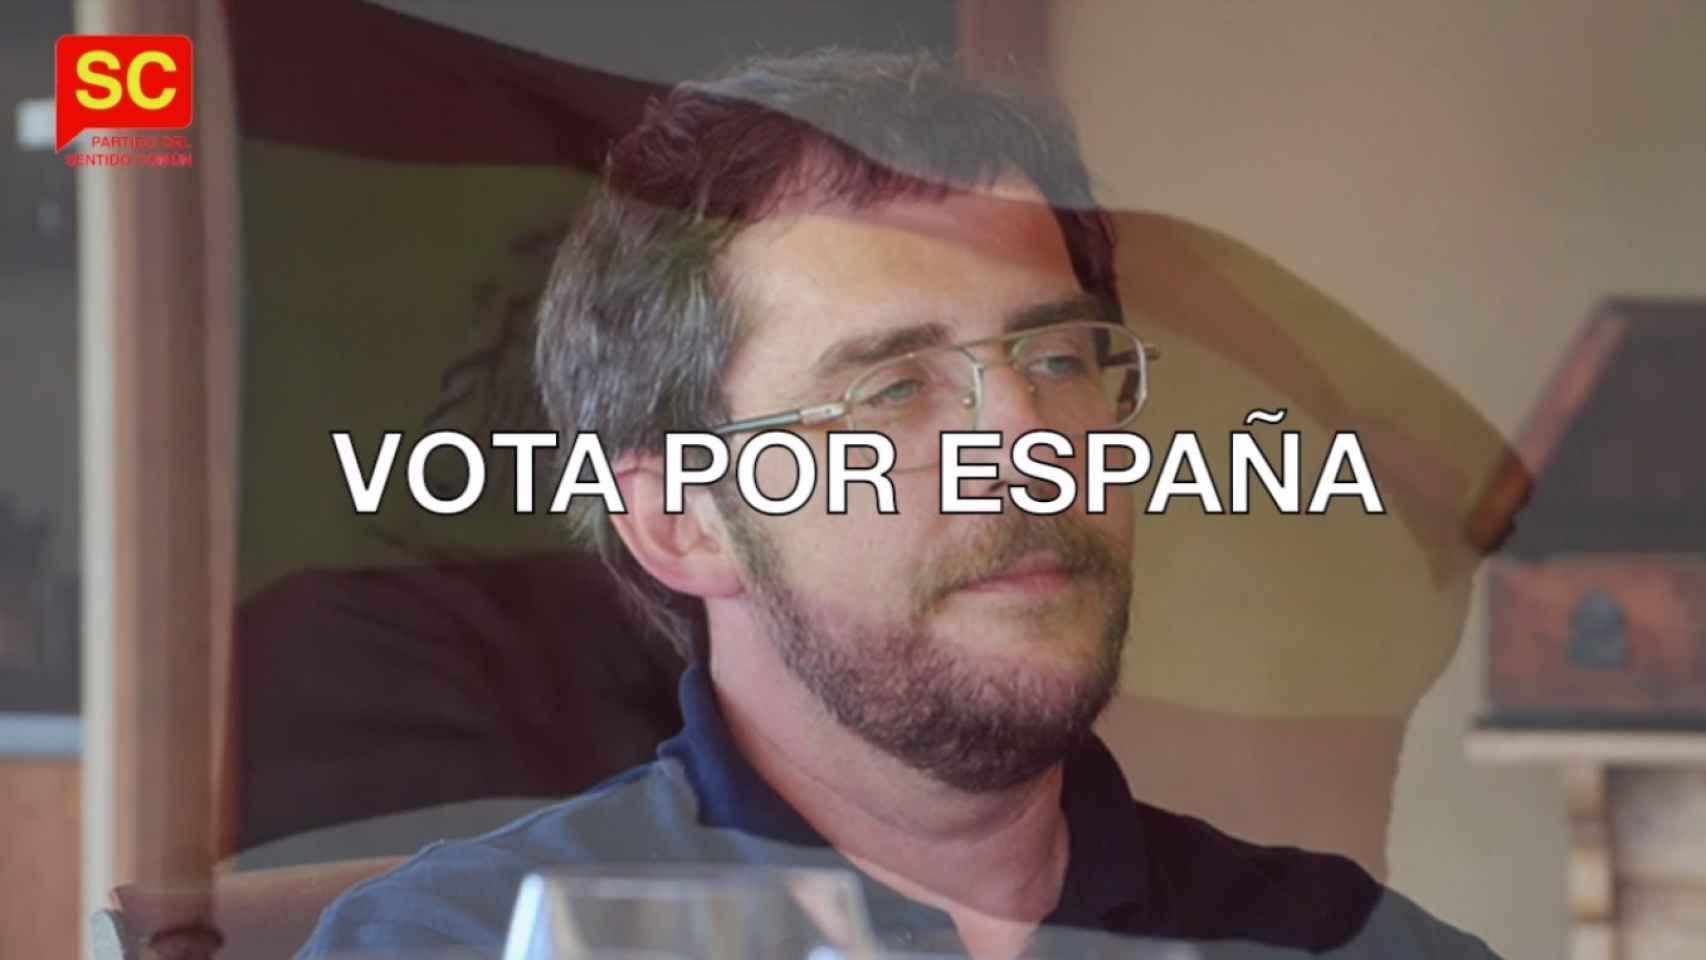 Imagen del spot electoral del PSC